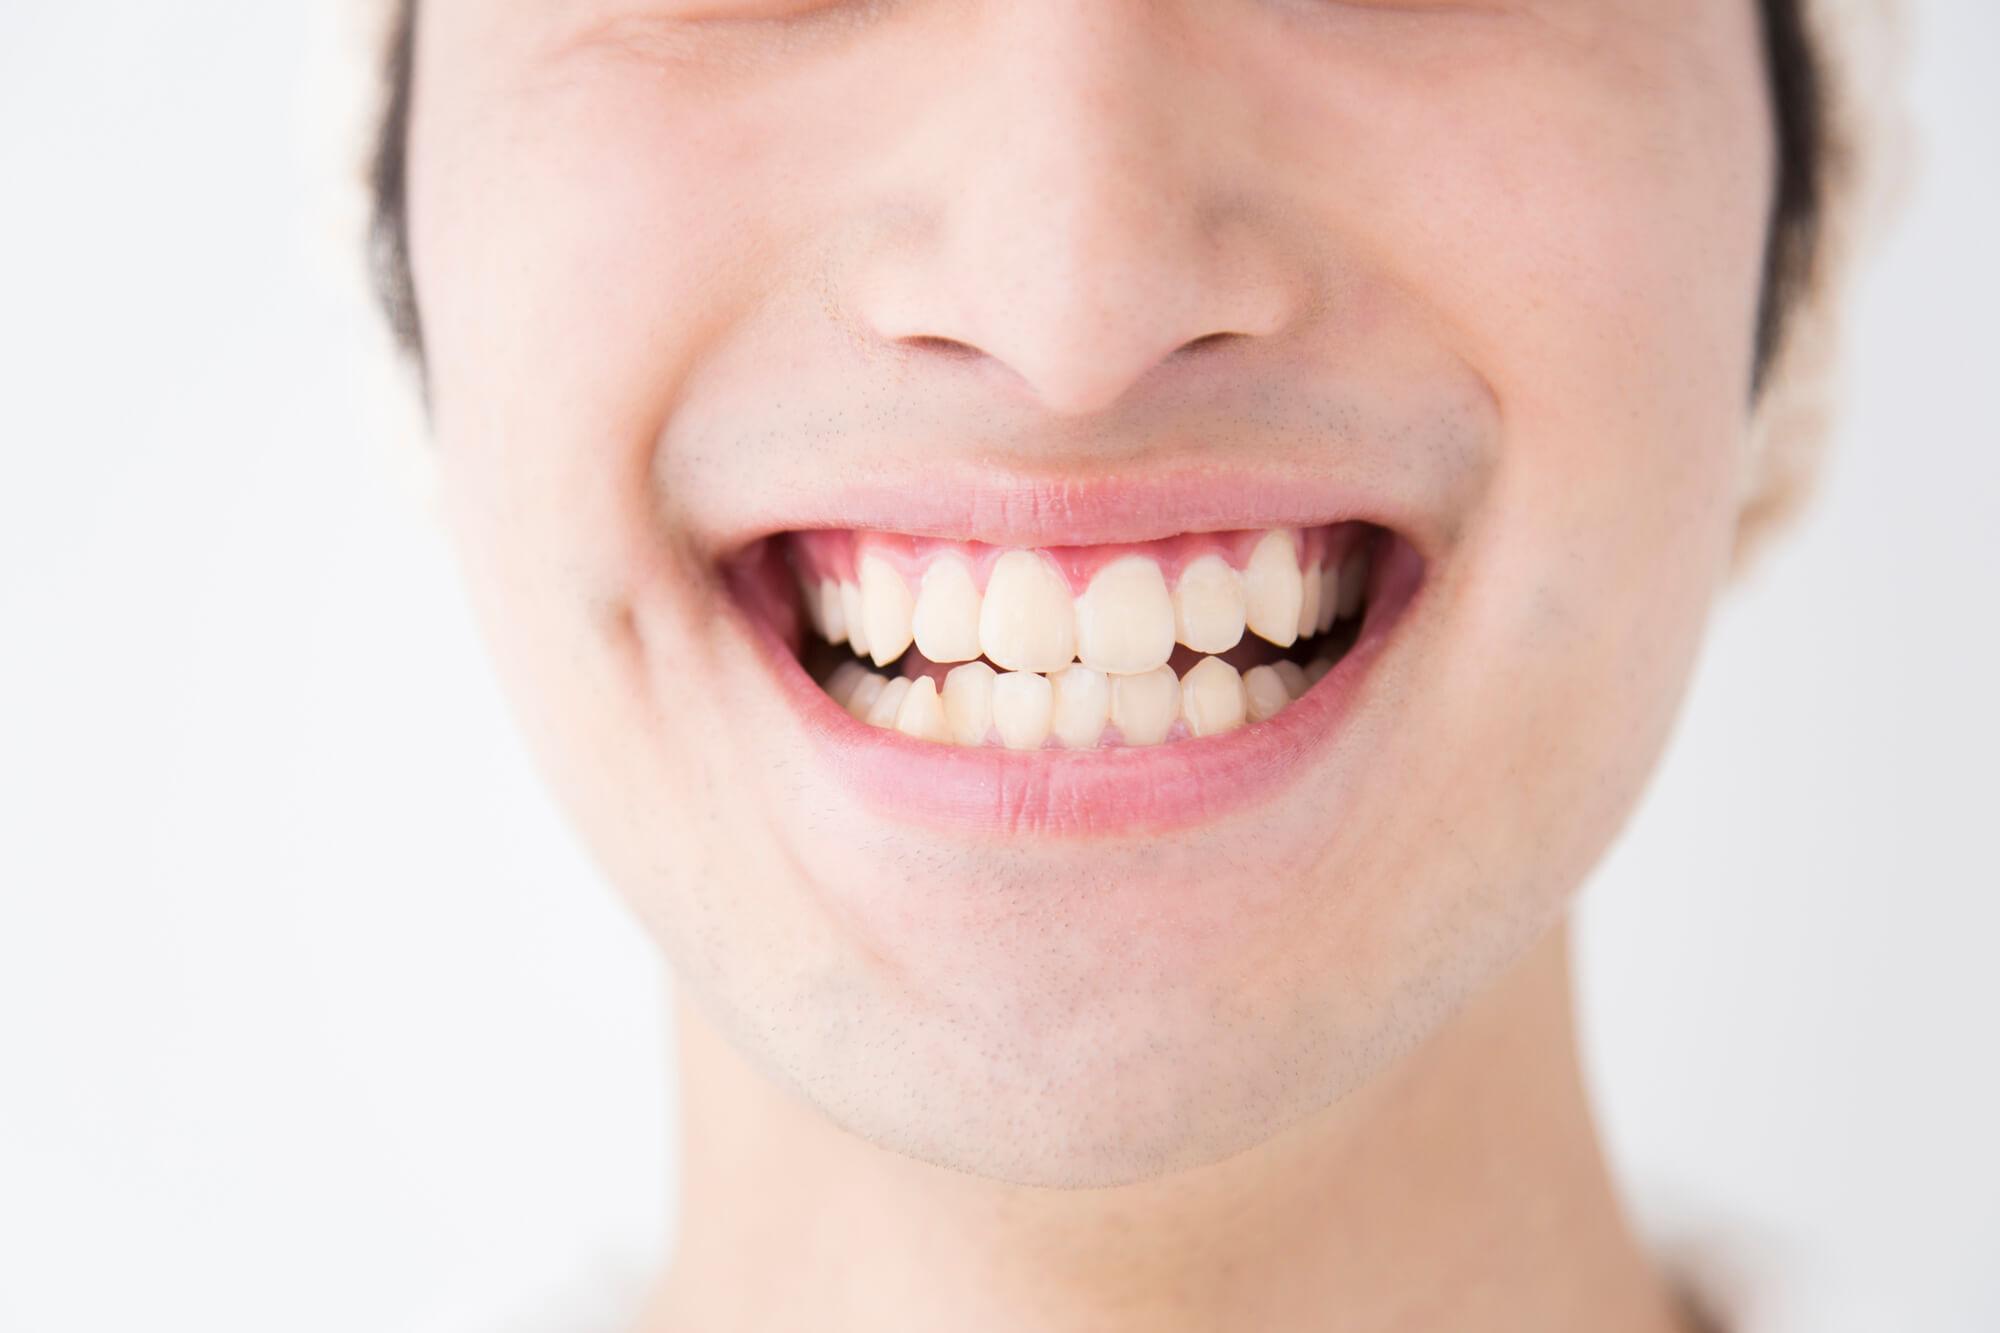 【帖佐駅周辺】矯正歯科であこがれの口元へ!ネットや電話予約もOK